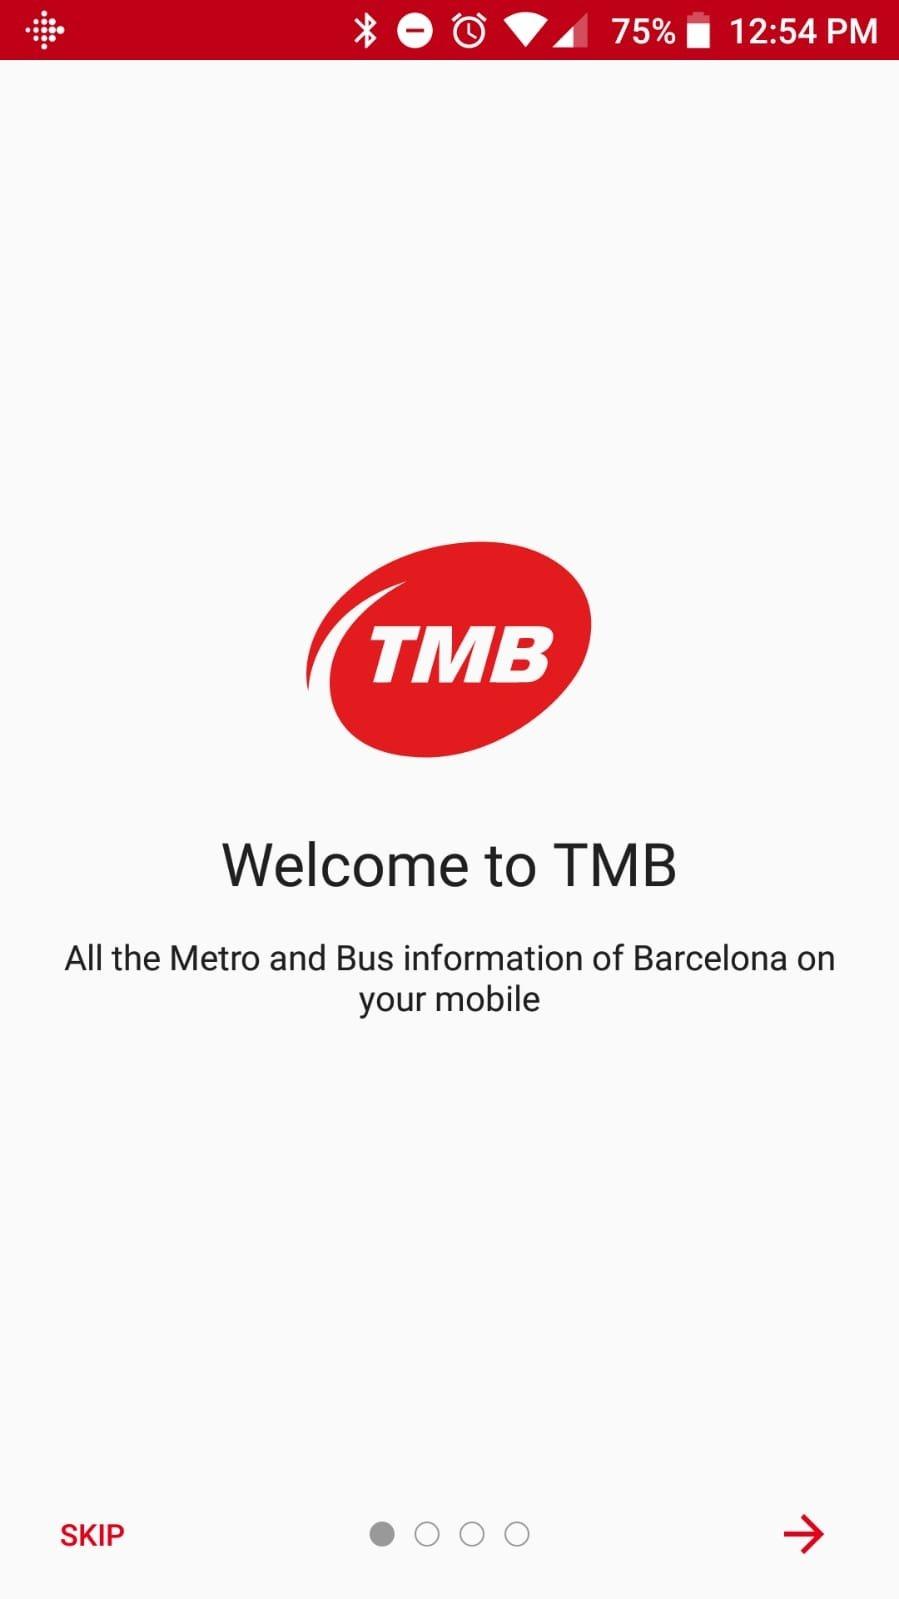 TMB Virtual Android image 2